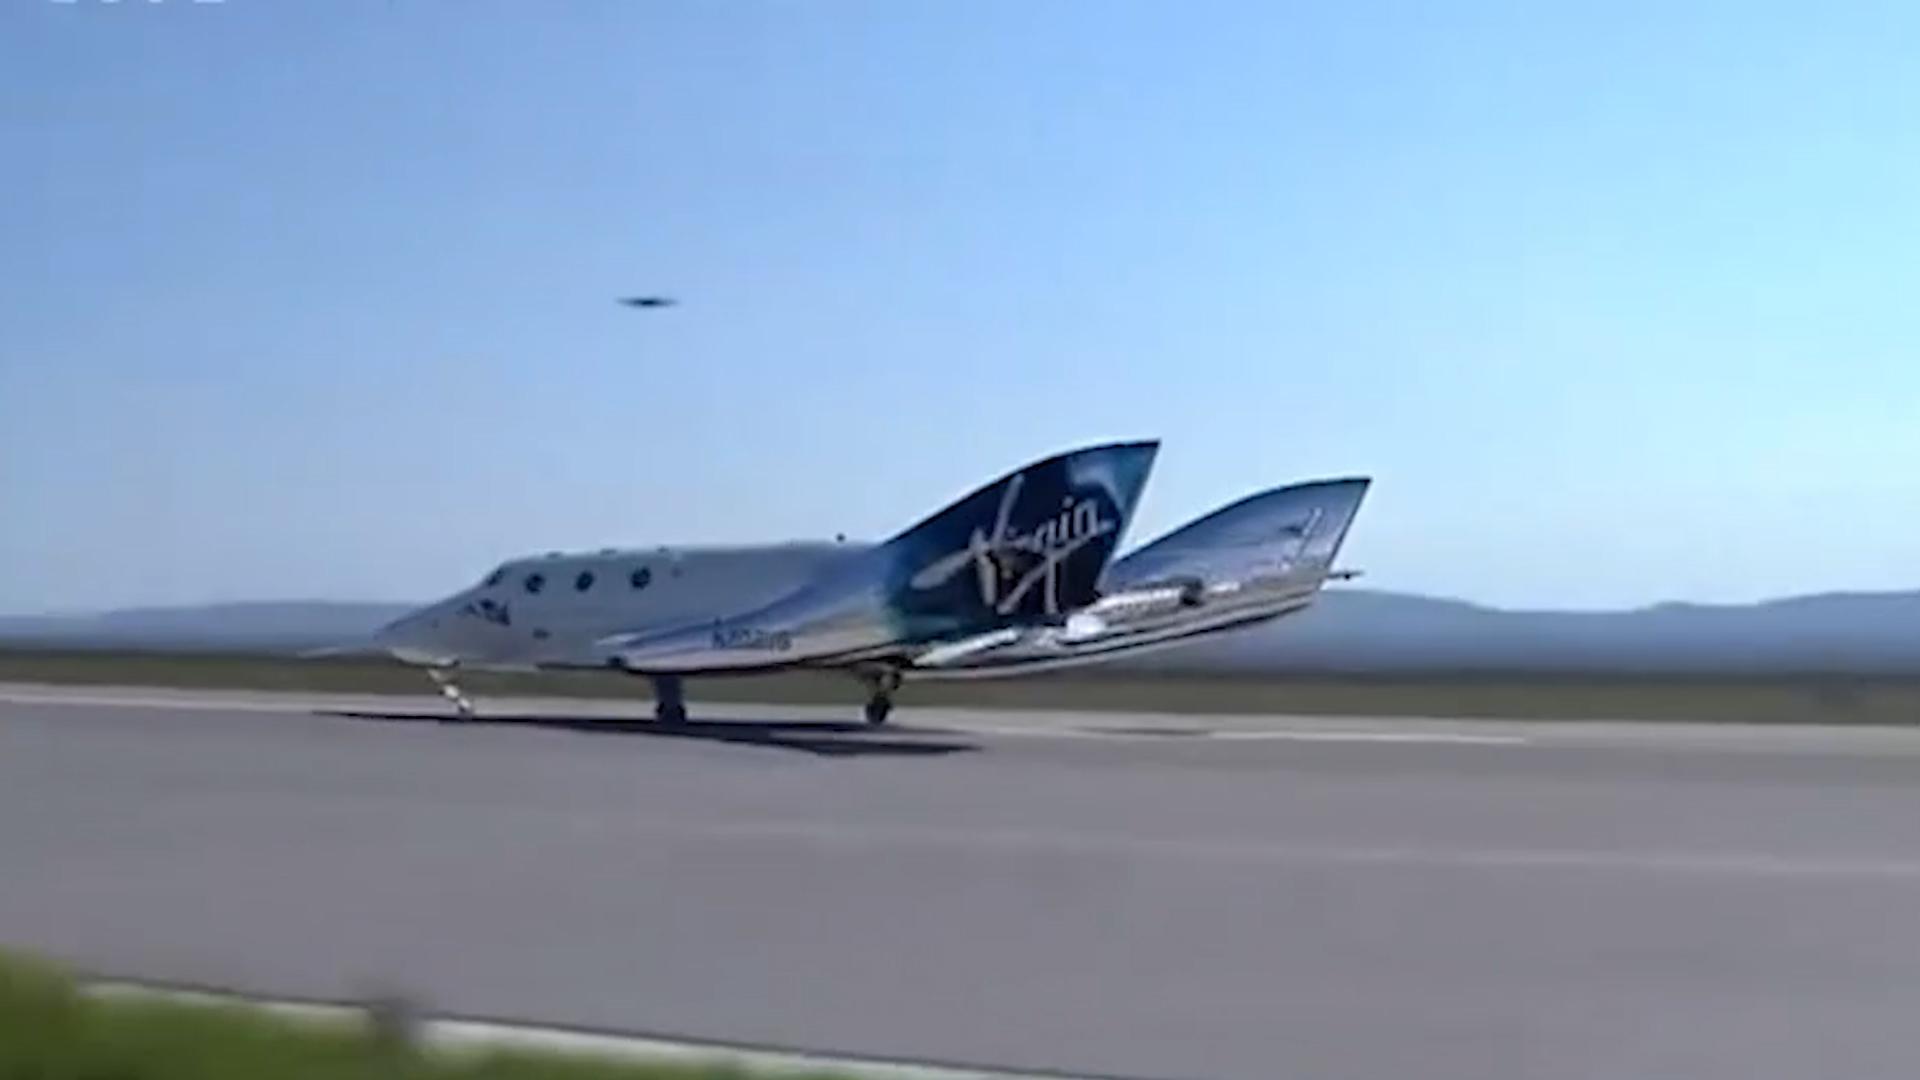 Эксперт объяснил, почему полёт миллиардера Брэнсона нельзя считать космическим